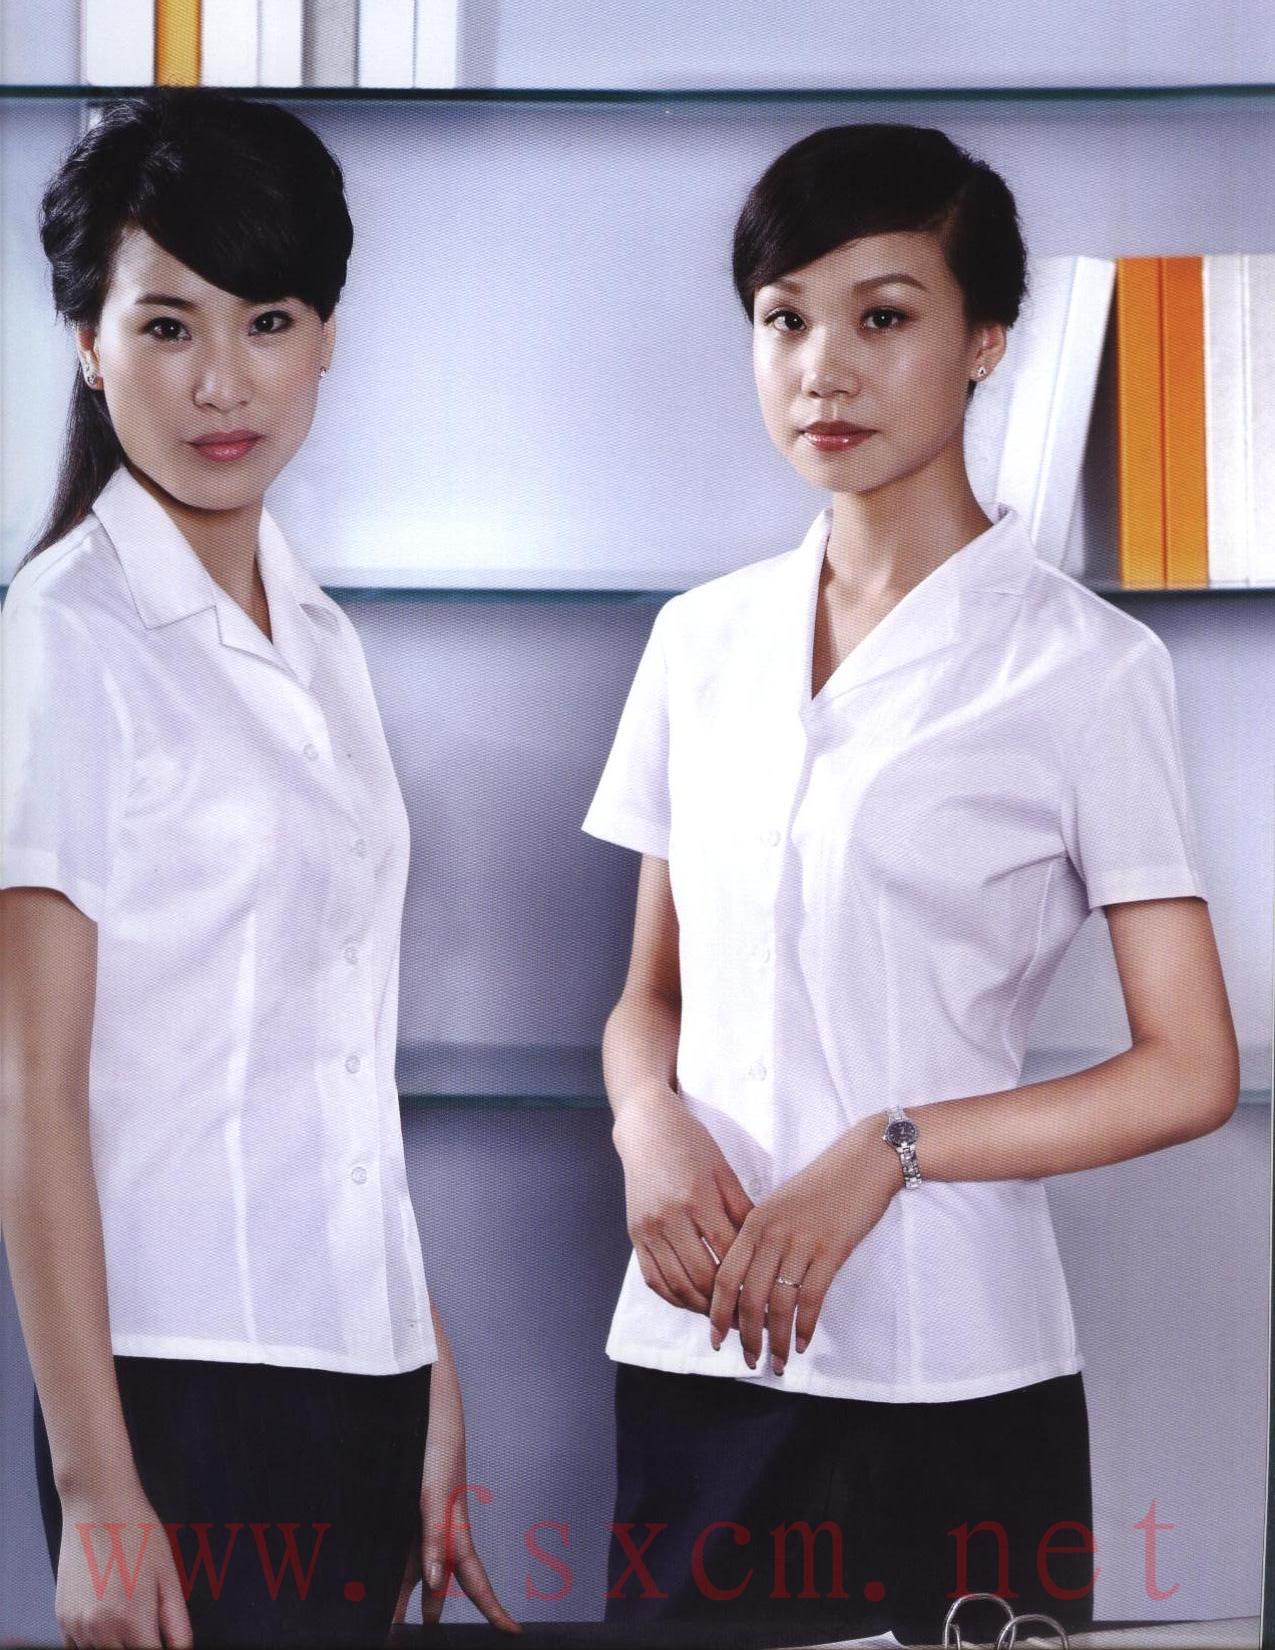 杭州 定制/职场白领夏季短袖职业女装定做¥0.00 ¥0.00 0